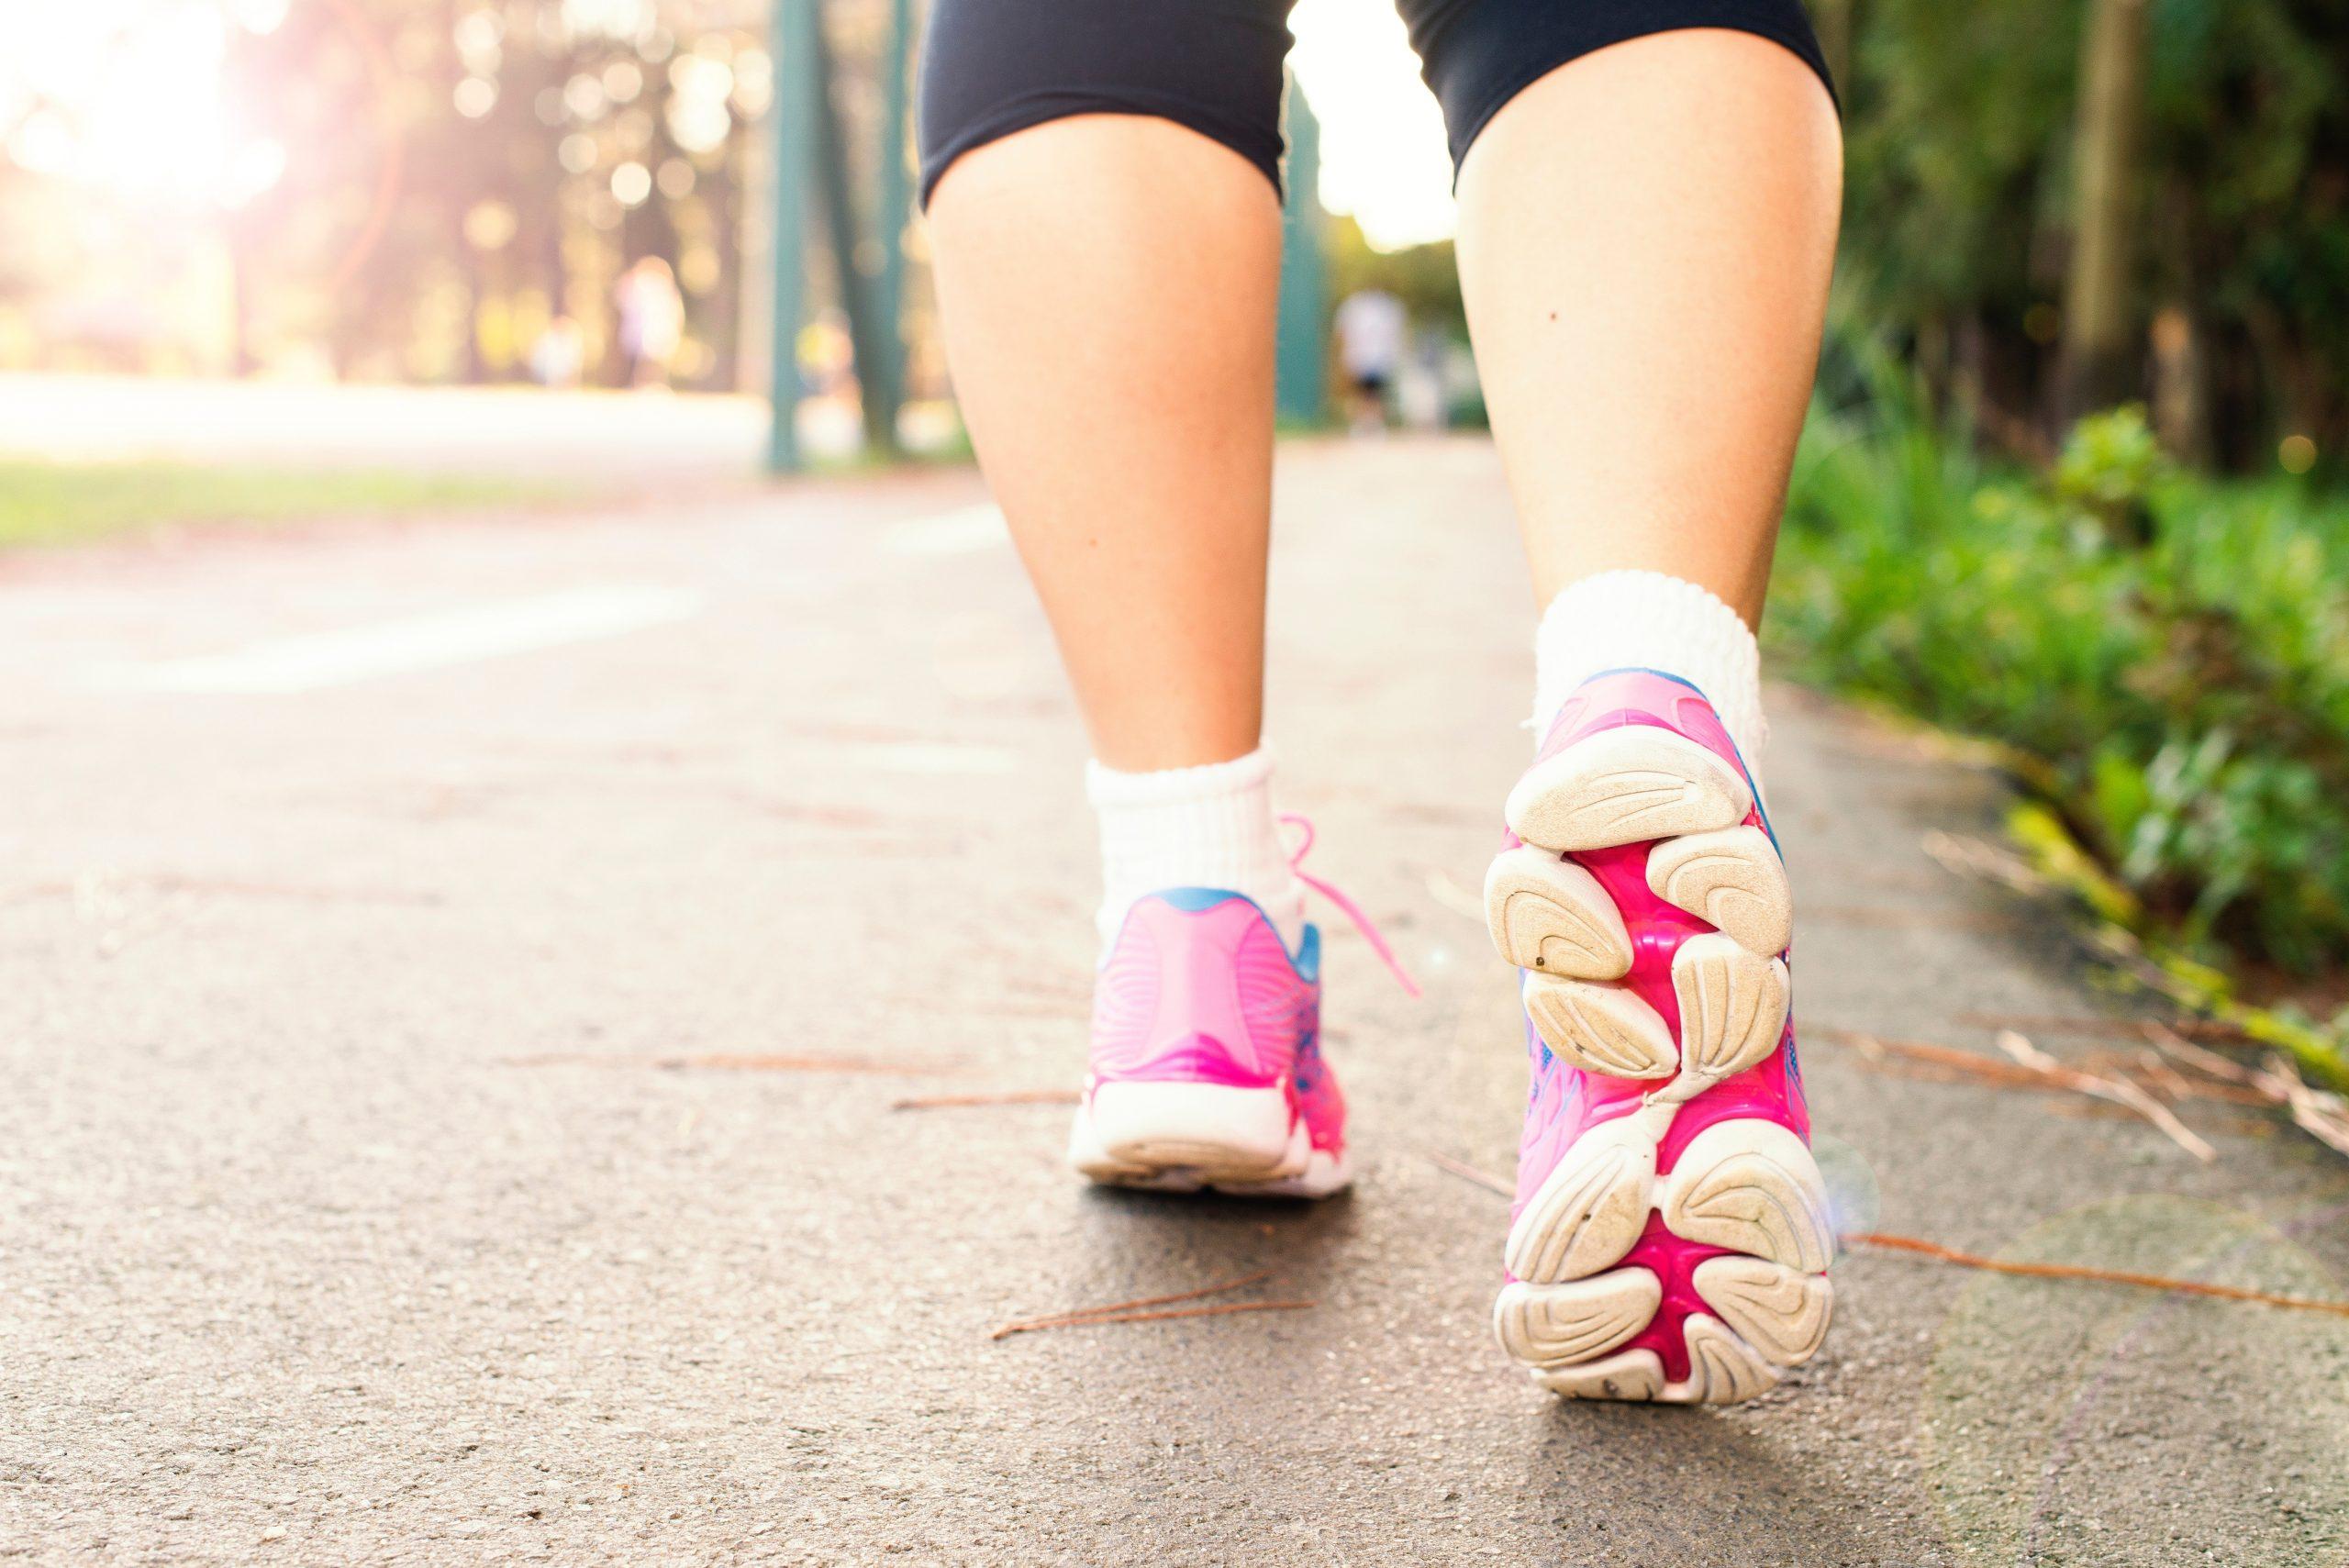 Por qué caminar nos hace tan bien